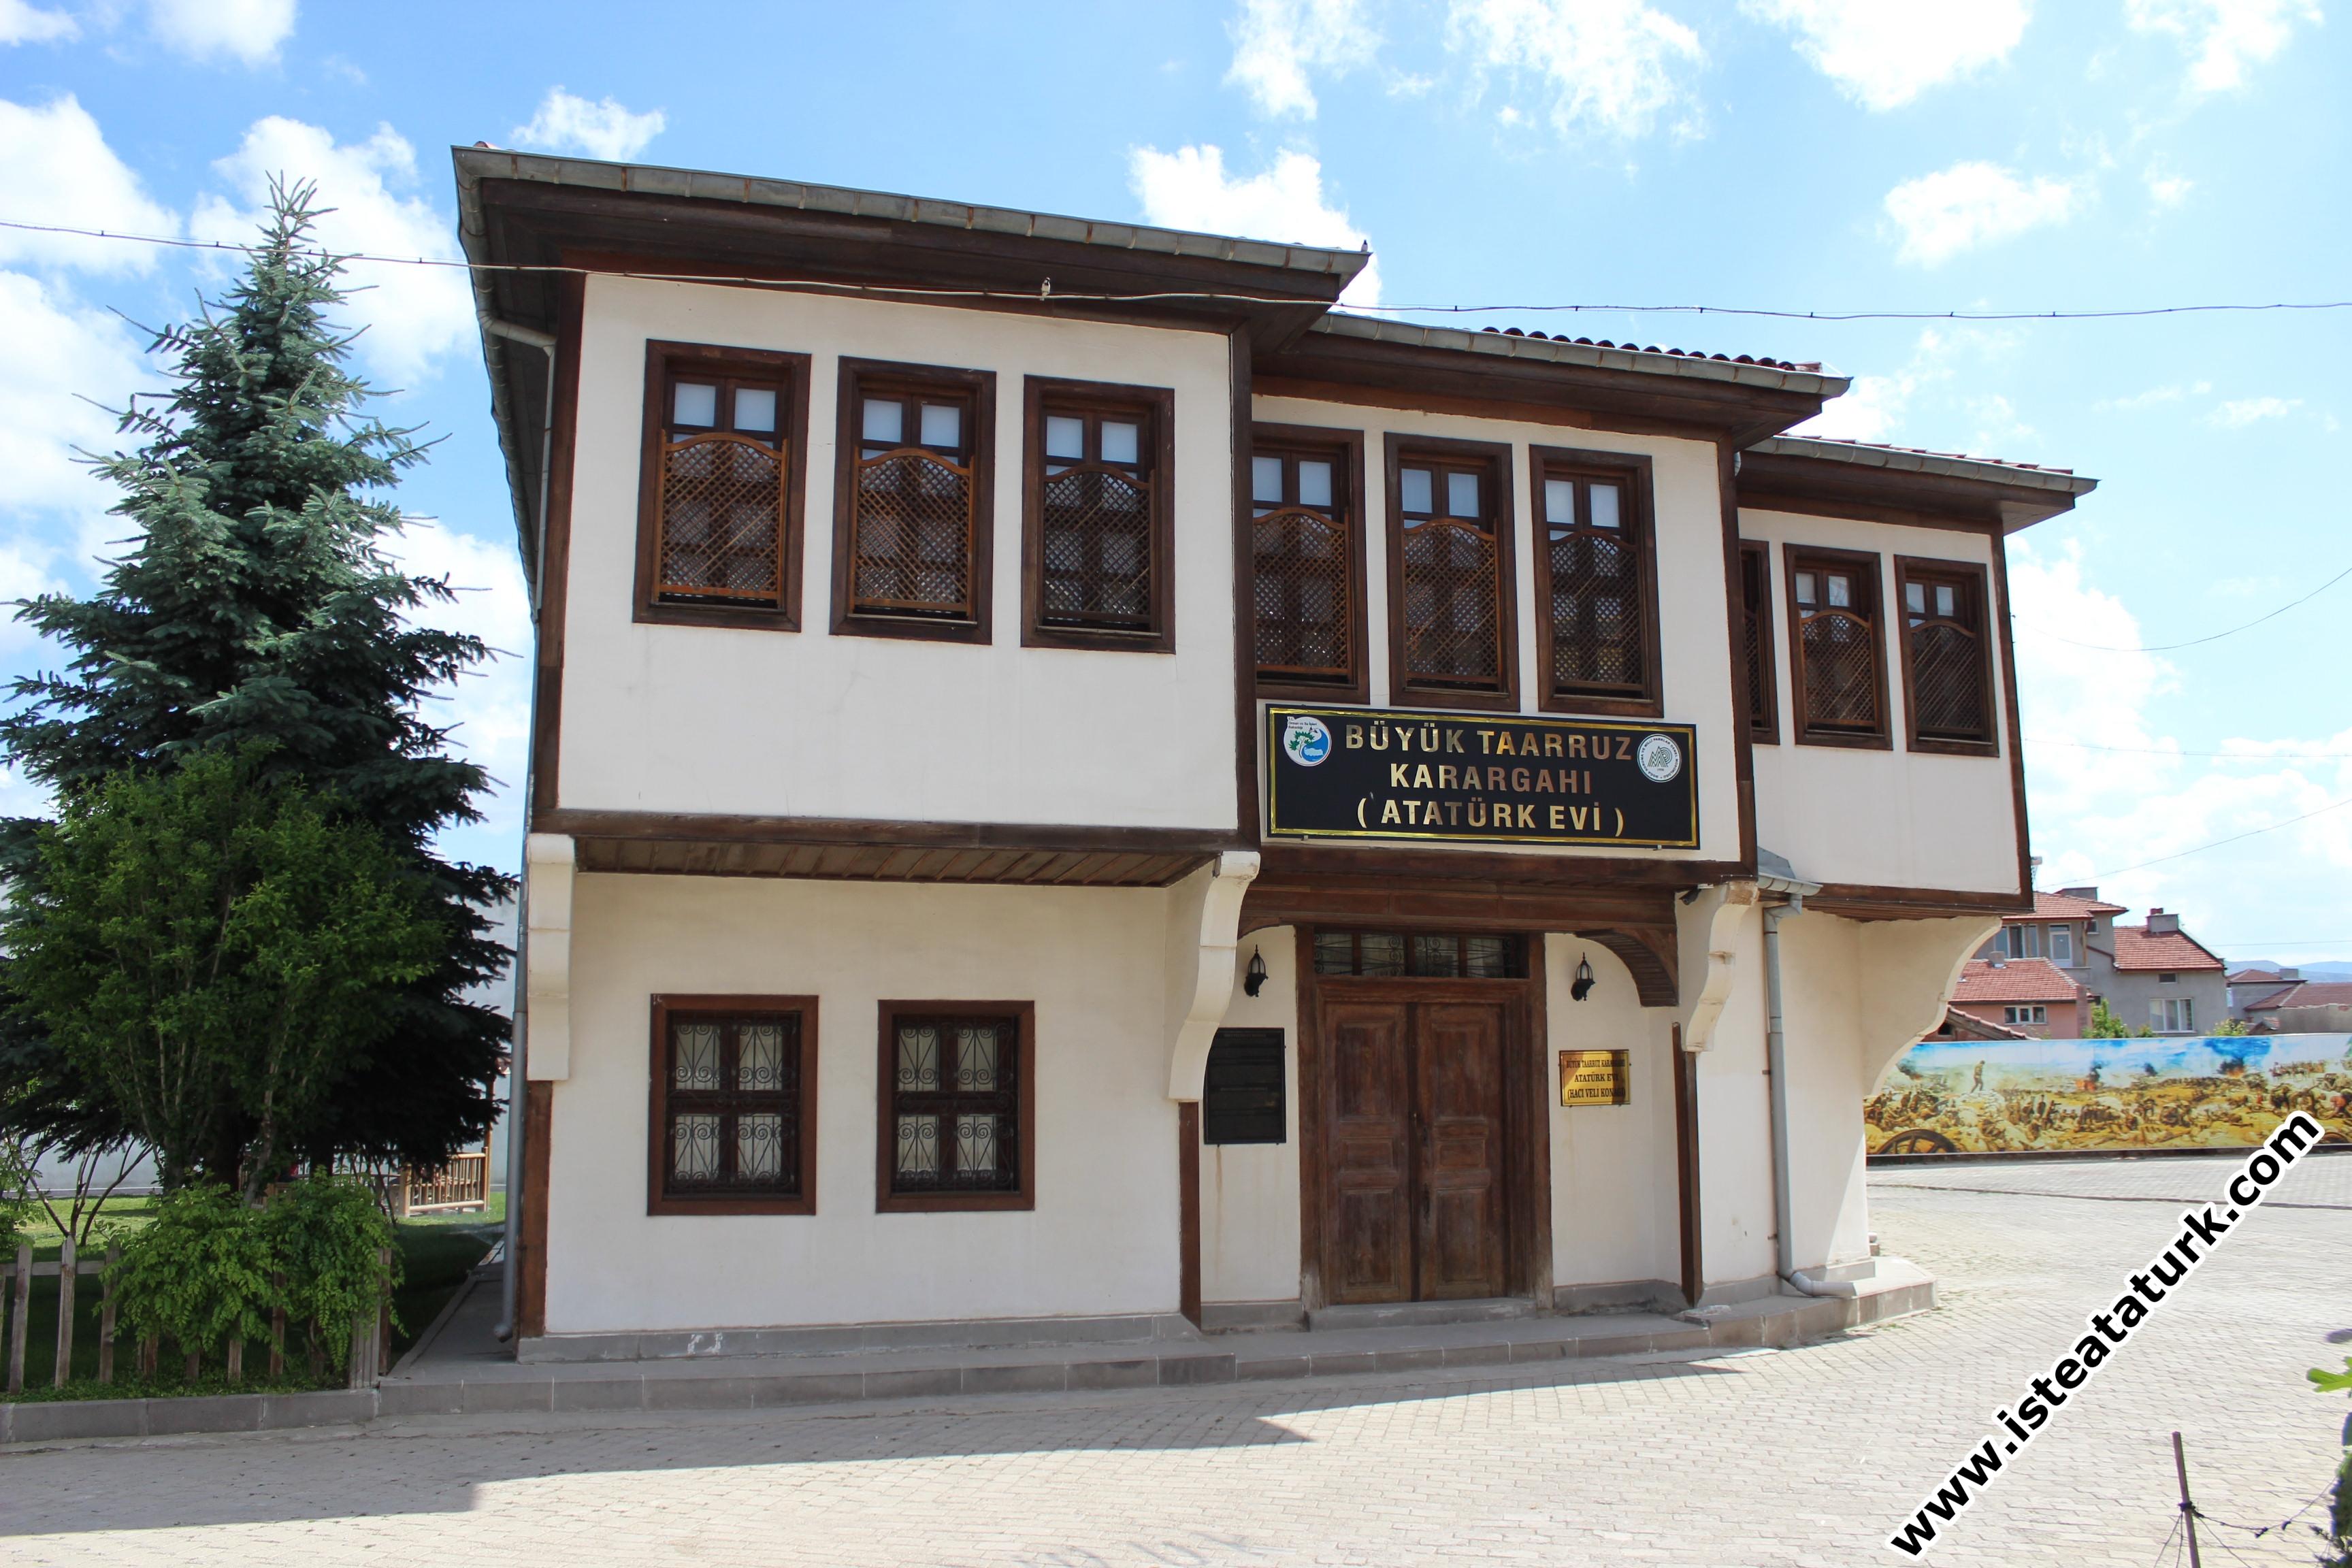 Afyon - Şuhut Atatürk Karargahı